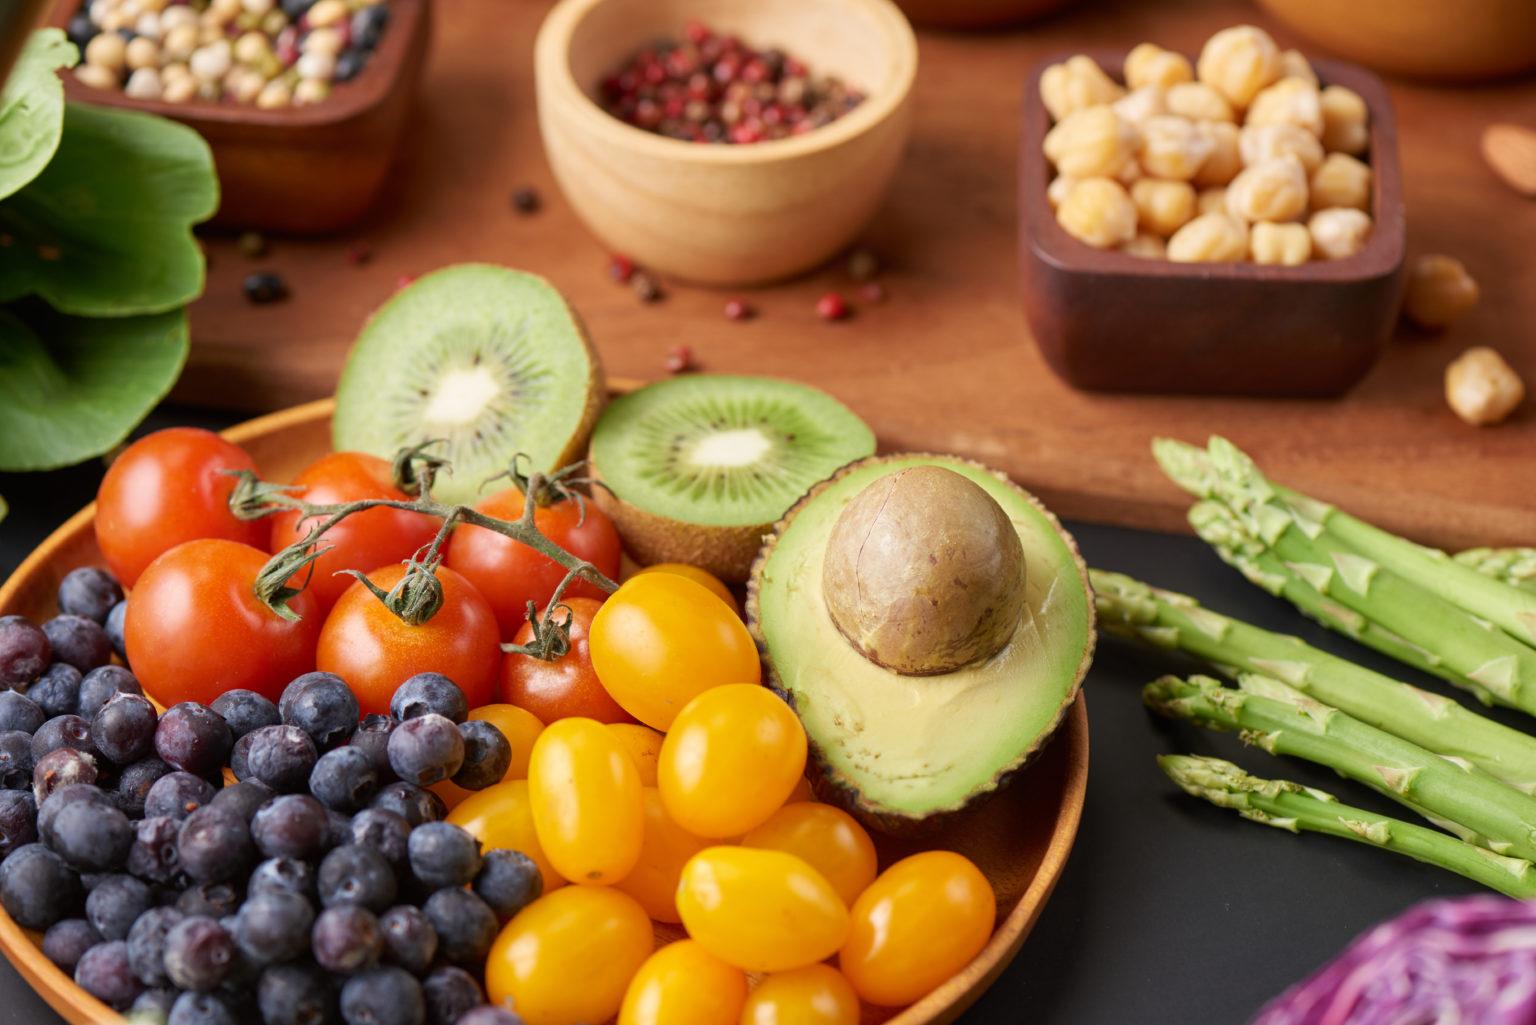 zdrowe i tanie produkty, zakupy, tanie zakupy, tania dieta, dieta